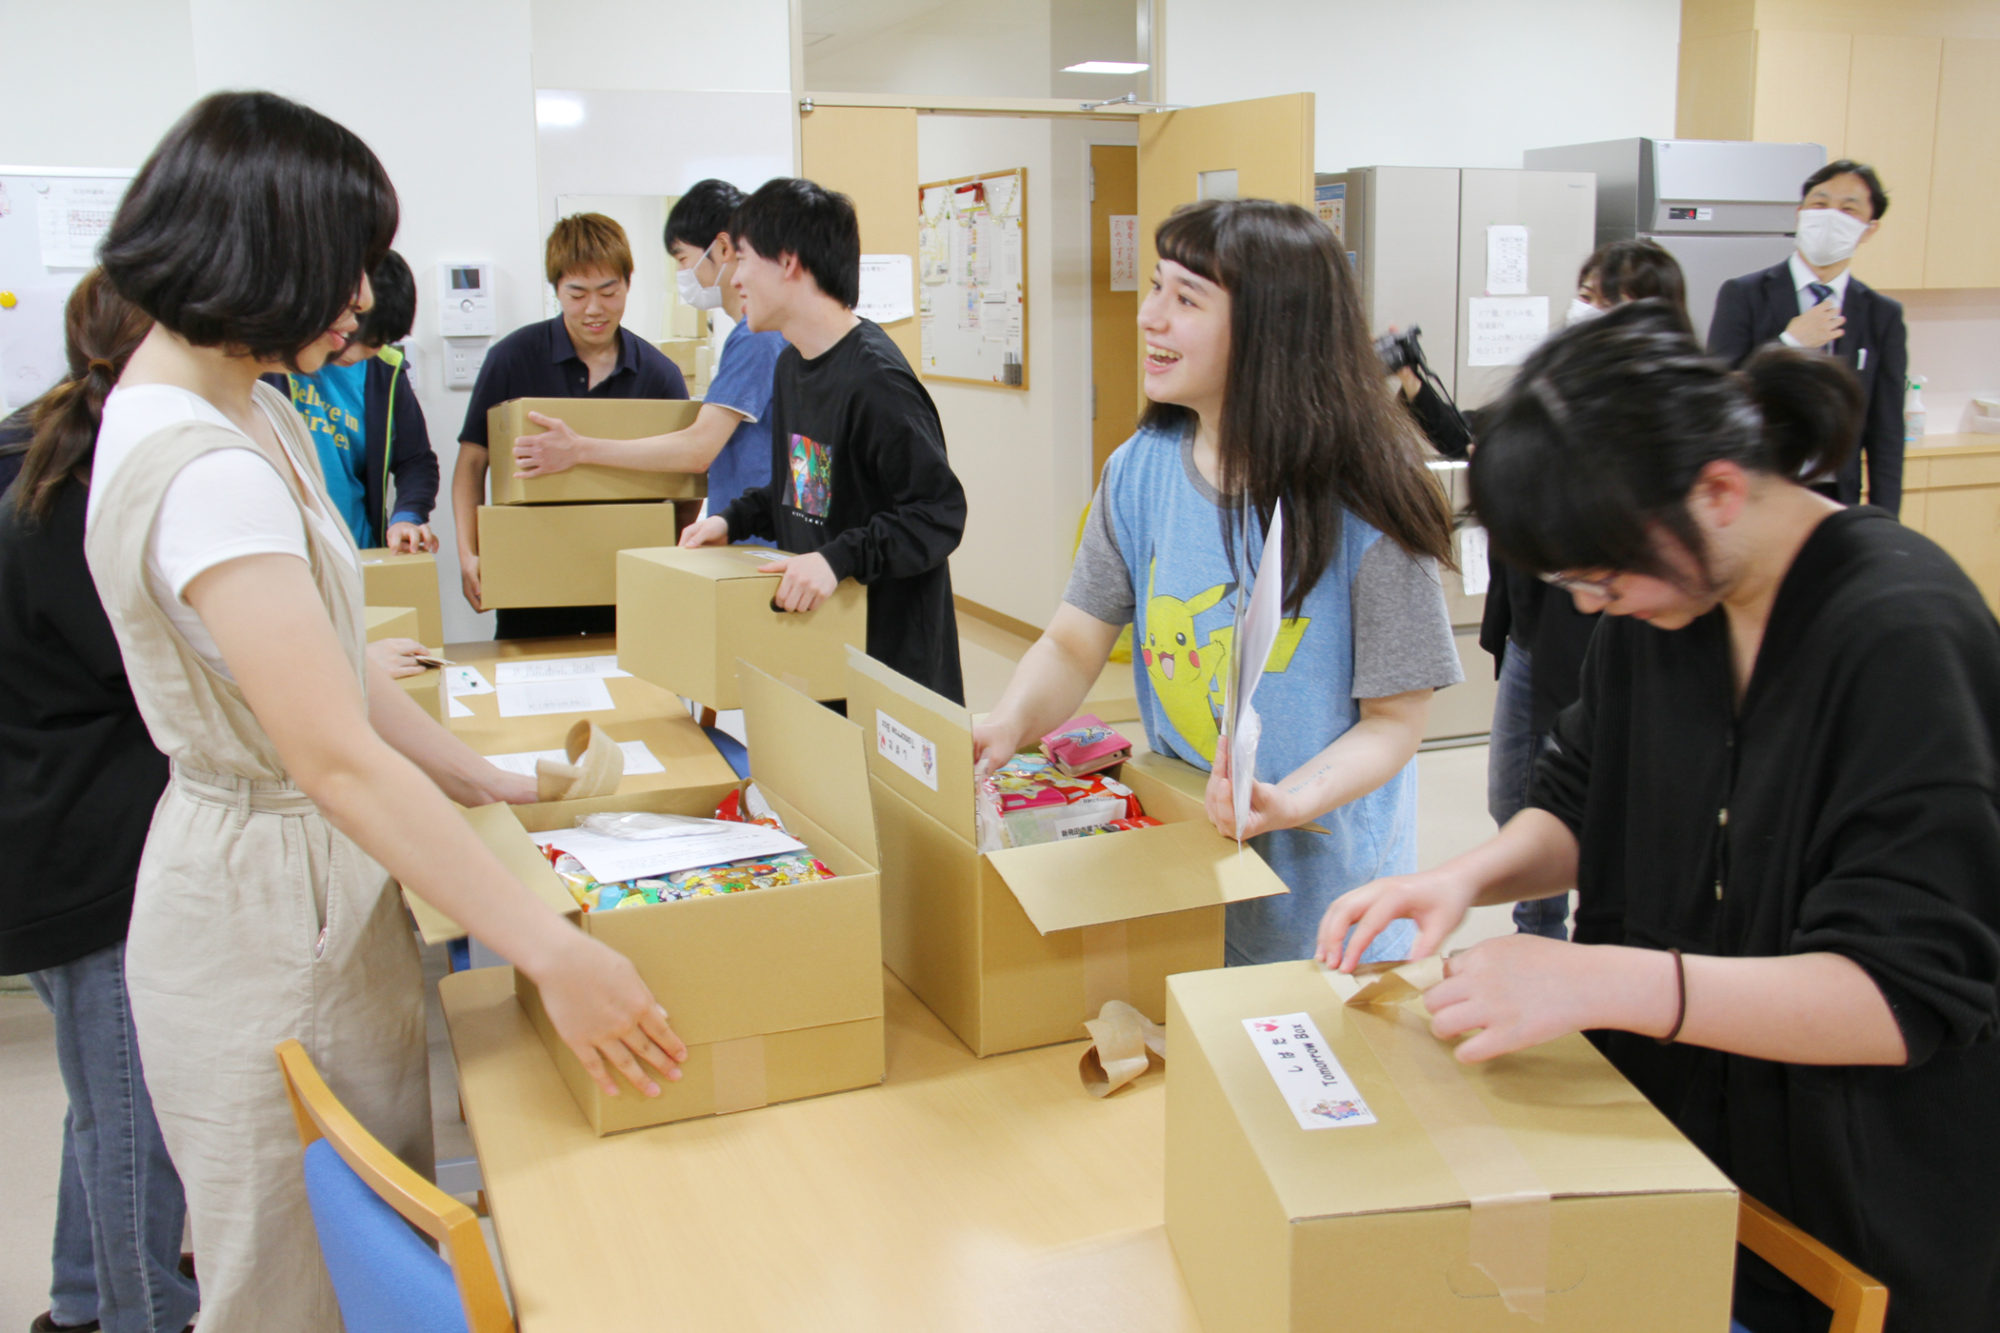 一人暮らしの学生へ新発田市からのプレゼント!!「しばた Tomorrow Box」贈呈式